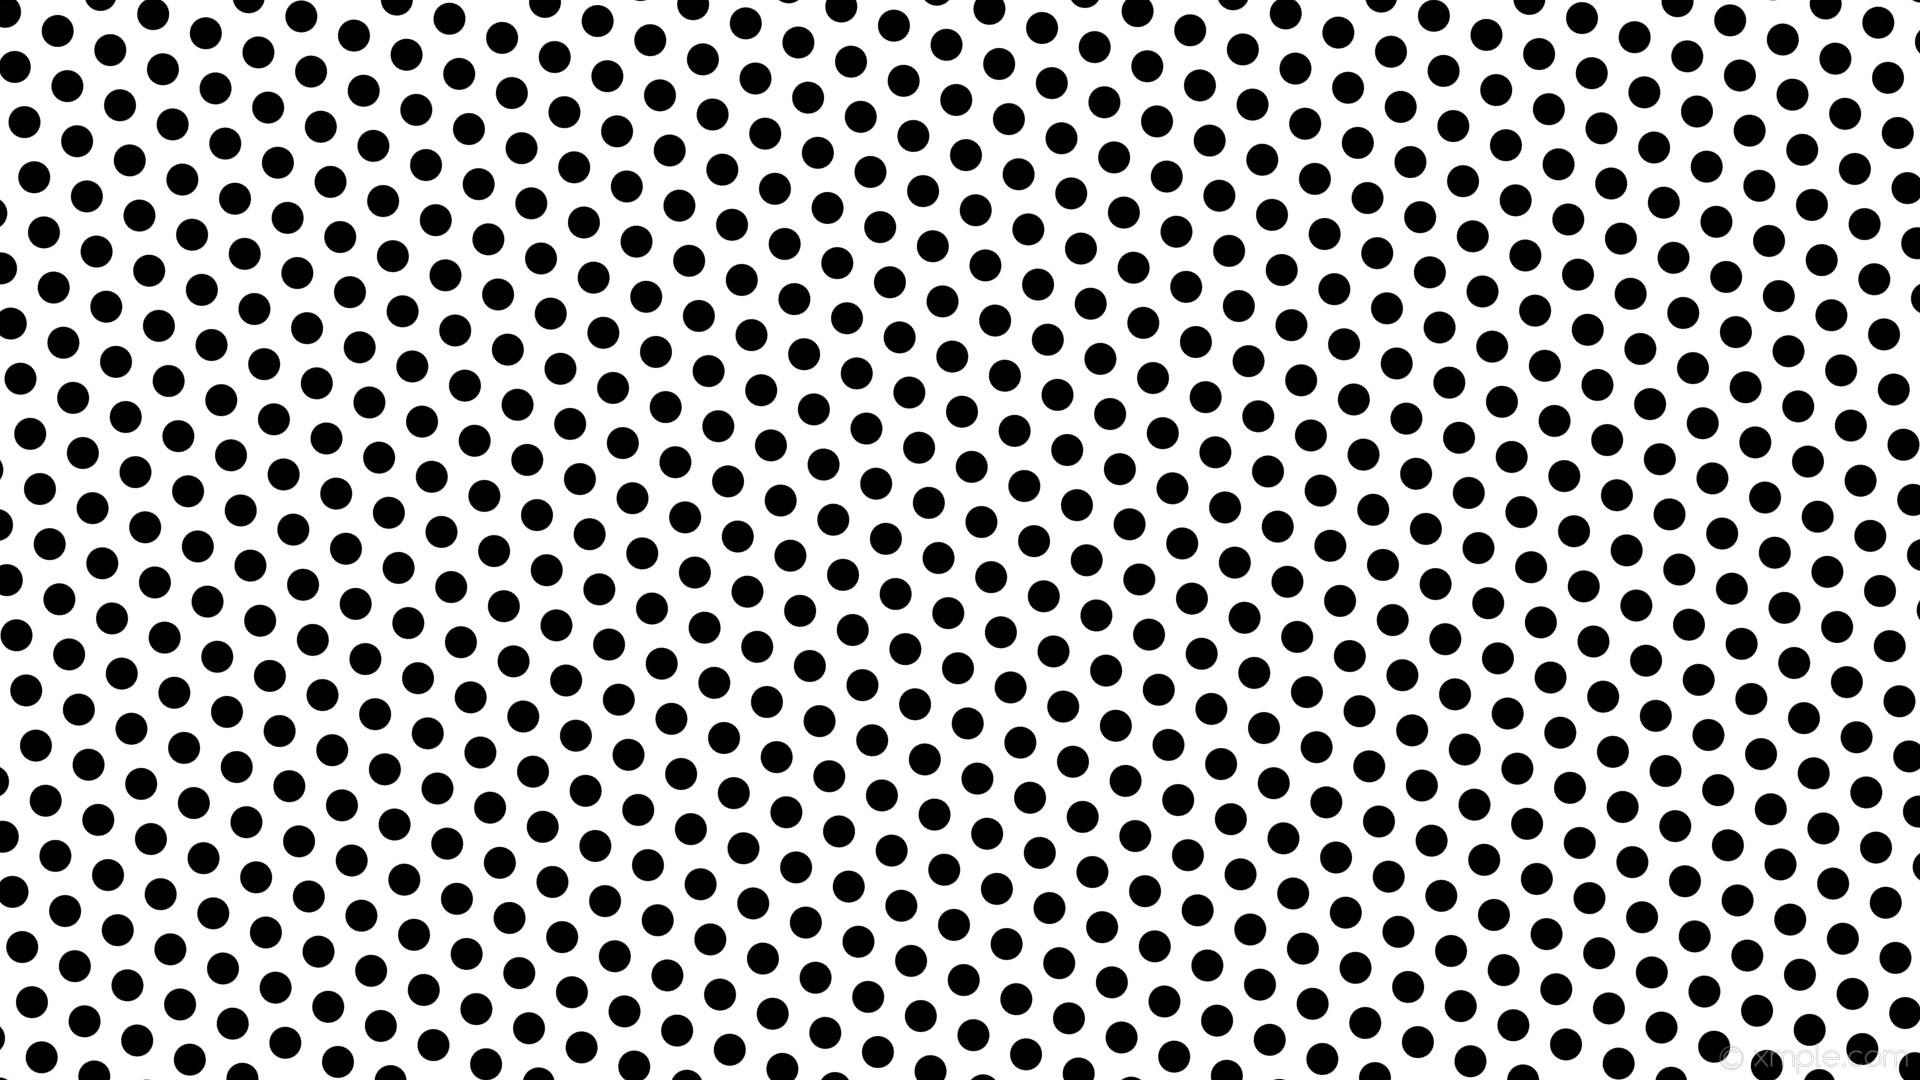 wallpaper white polka dots black hexagon #ffffff #000000 diagonal 40° 32px  56px